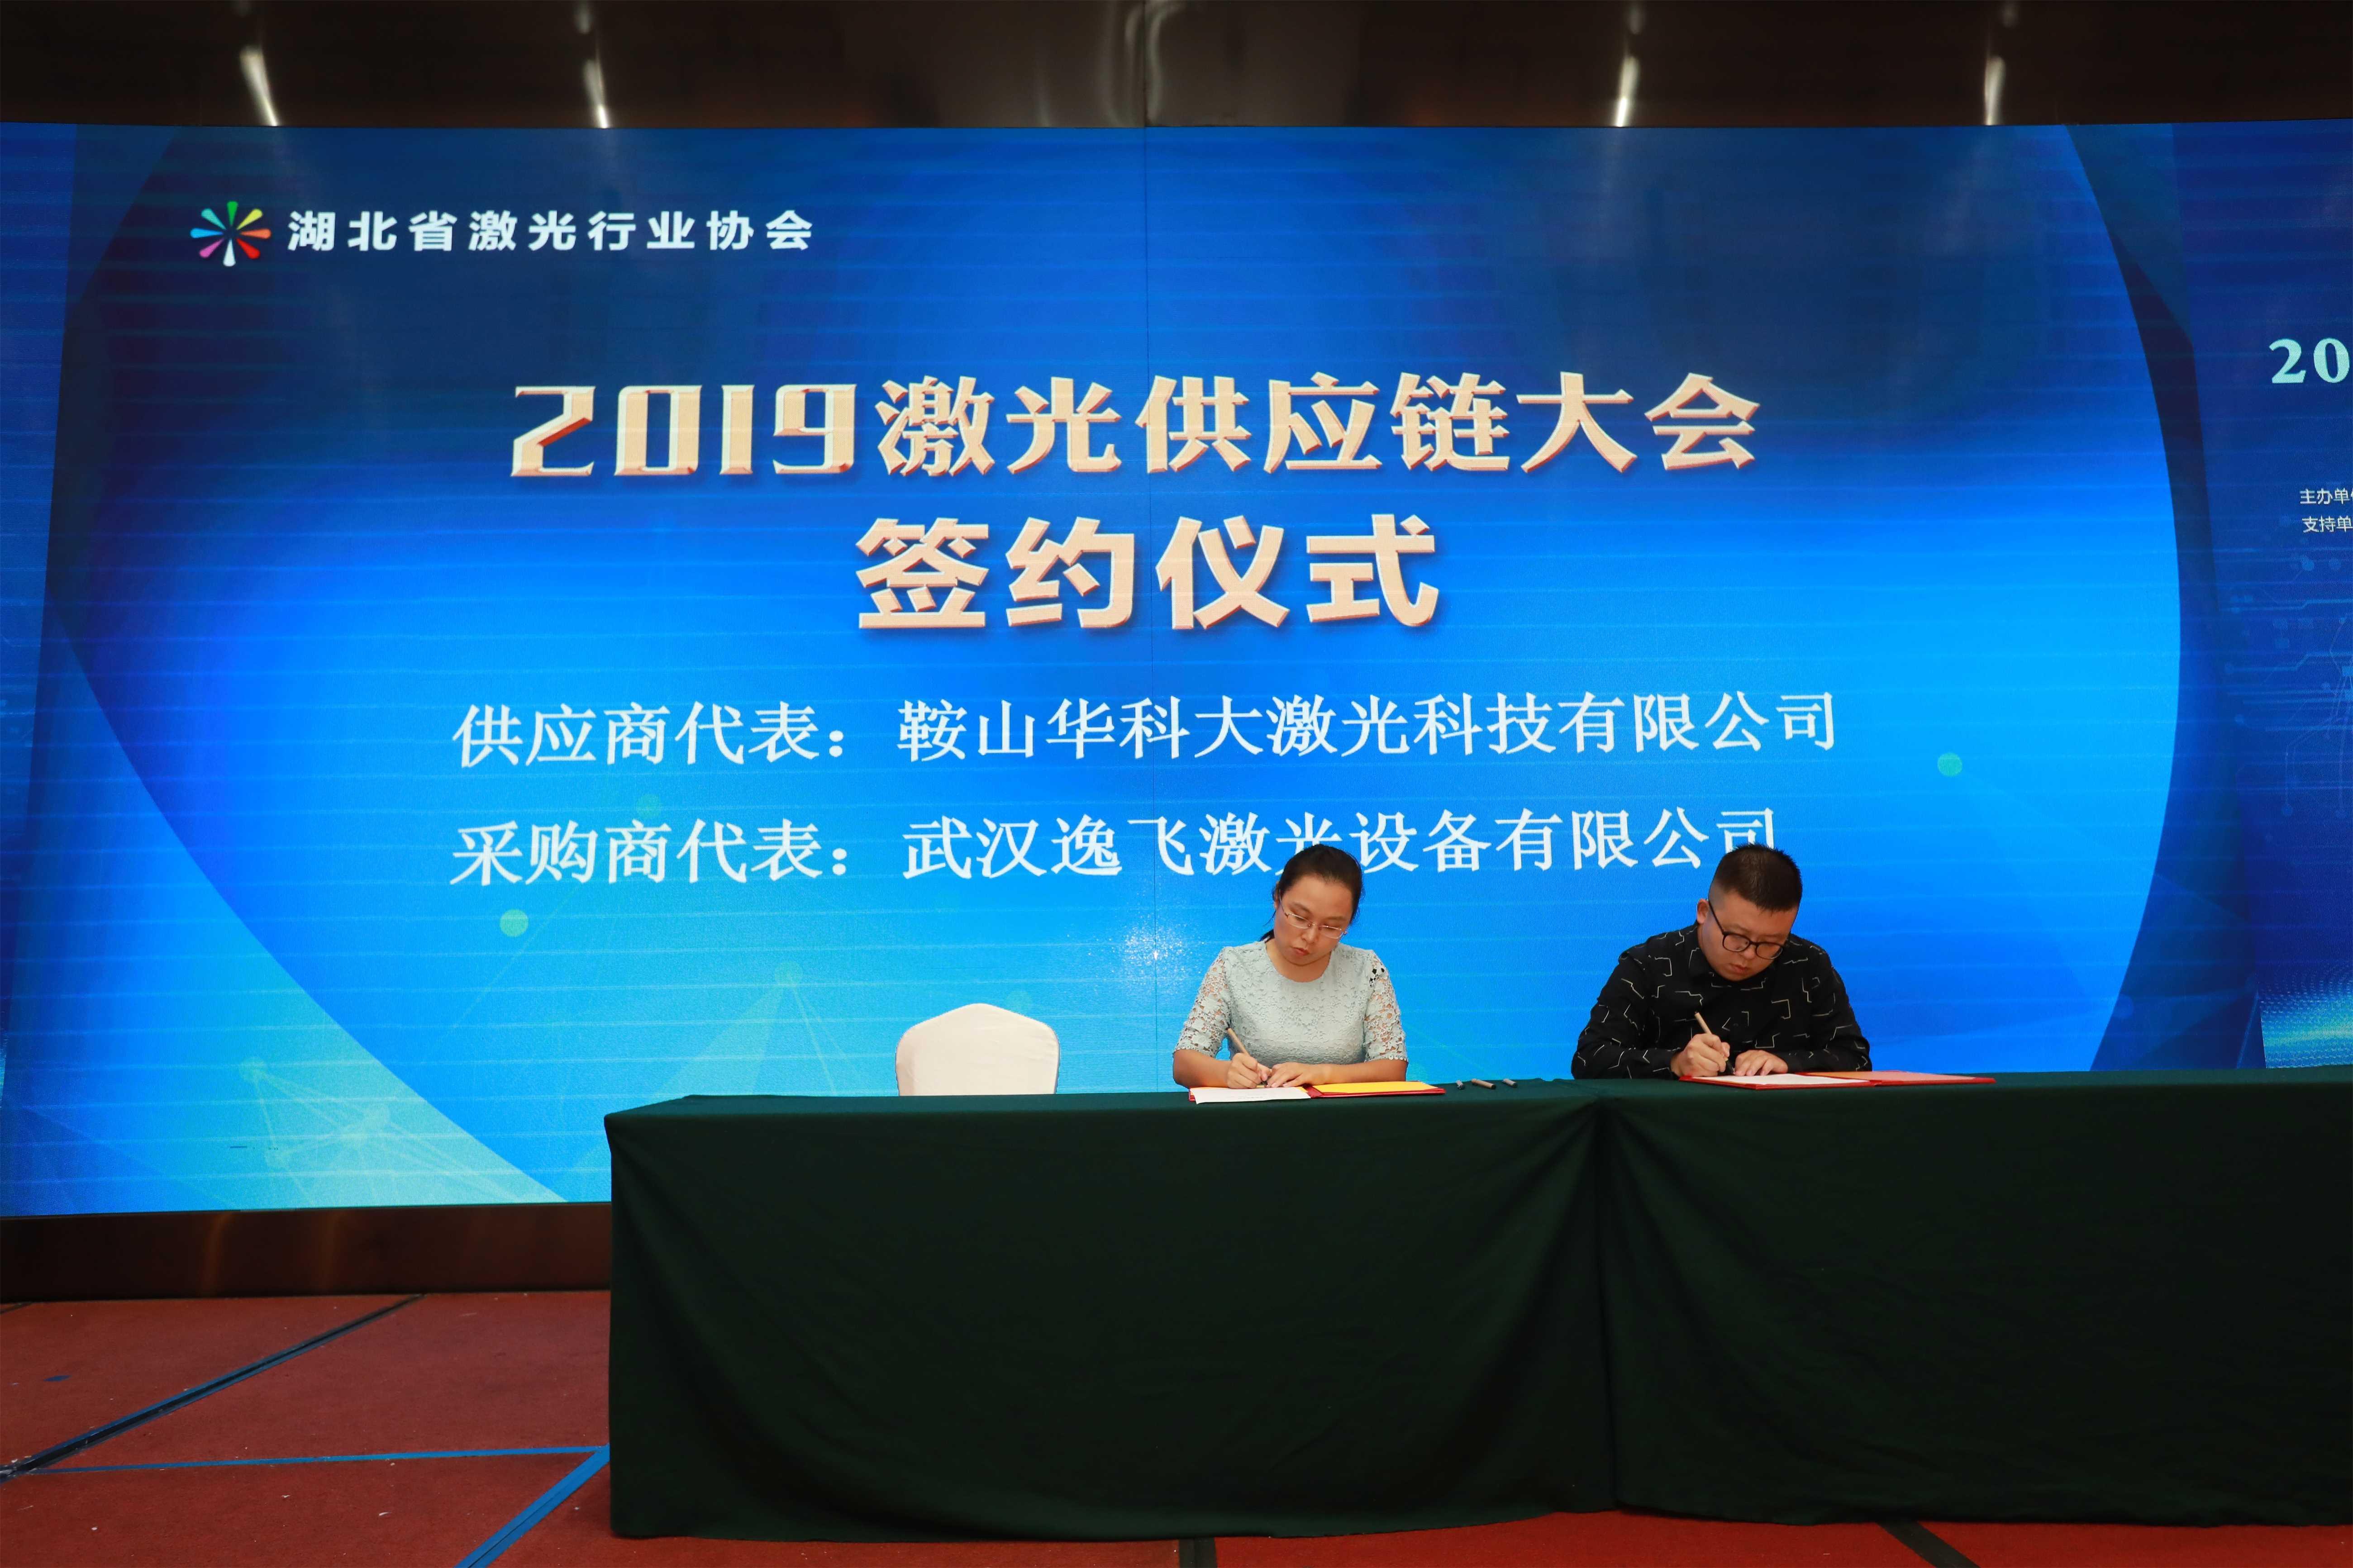 2019激光供应链大会新闻照片-签约8